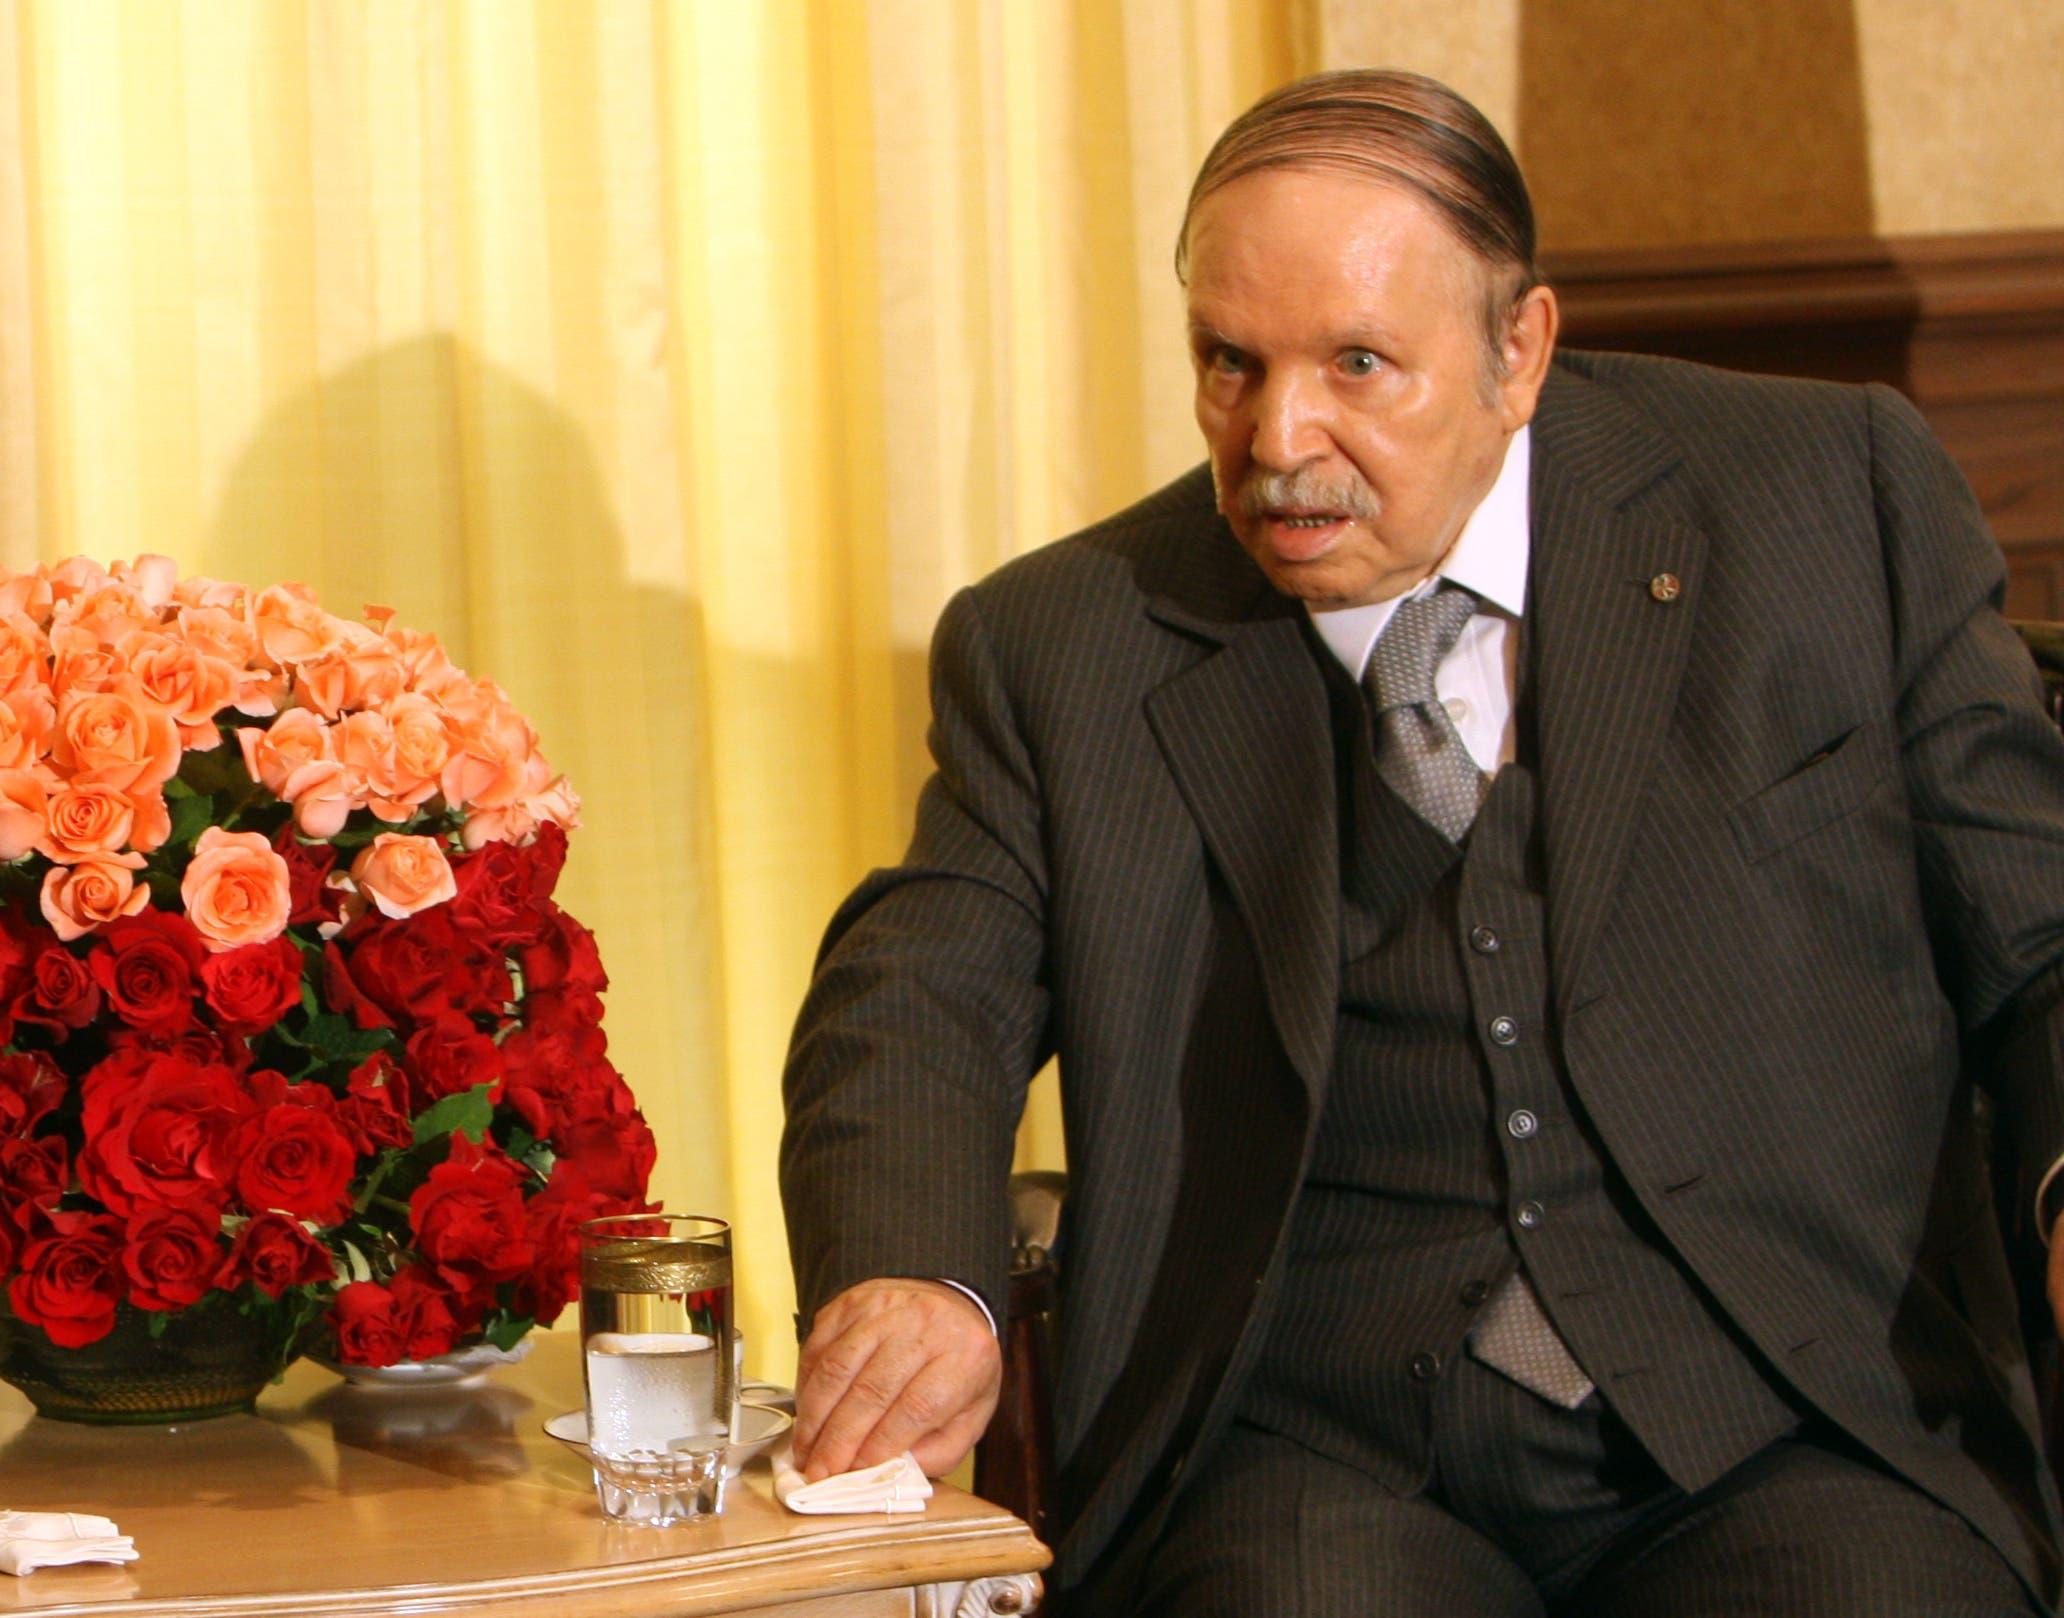 المعارضة تطالب بإعلان شغور منصب الرئيس